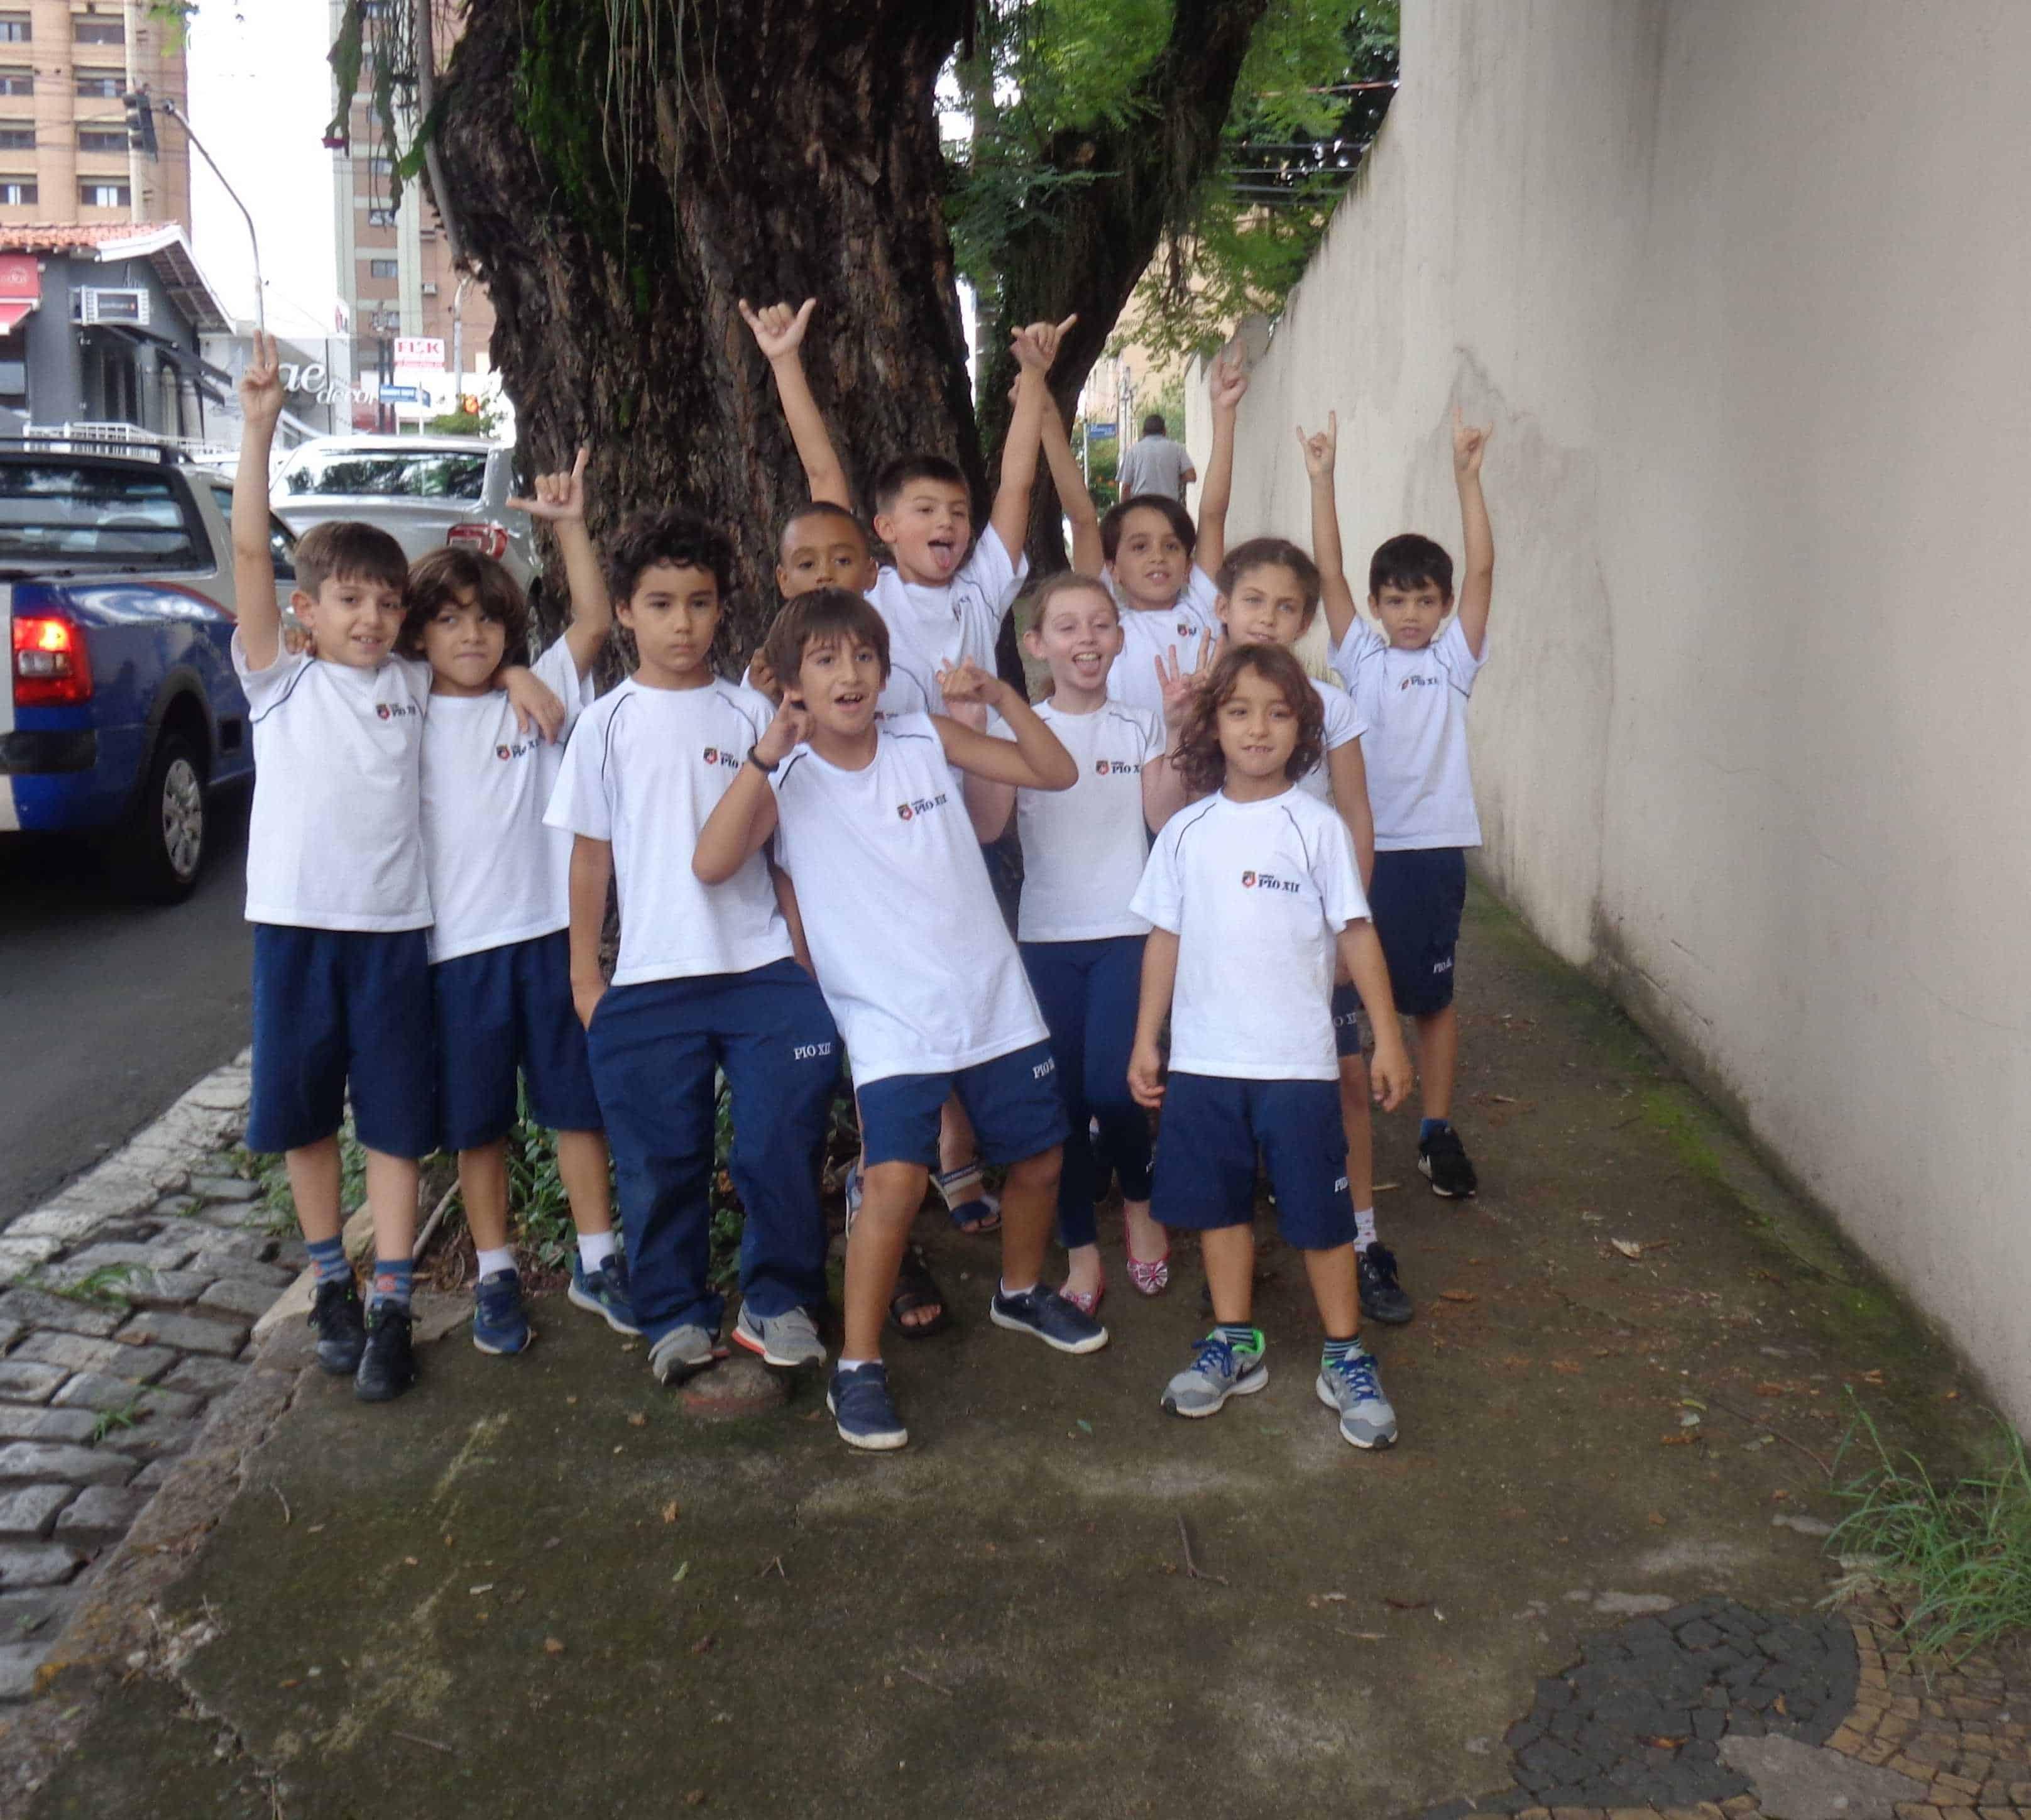 3ºs anos – Passeio no quarteirão